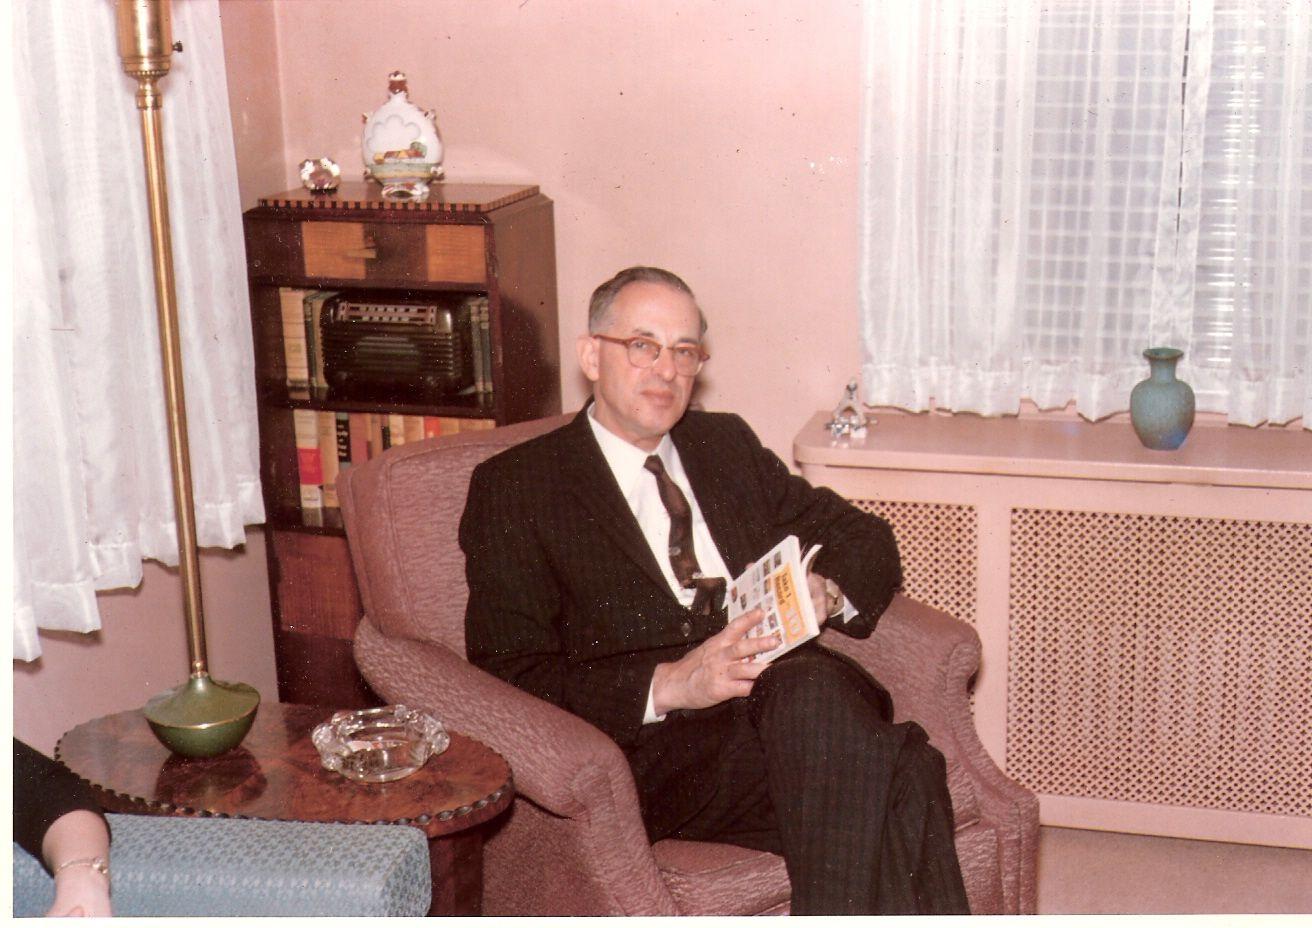 Morton W. Seligman